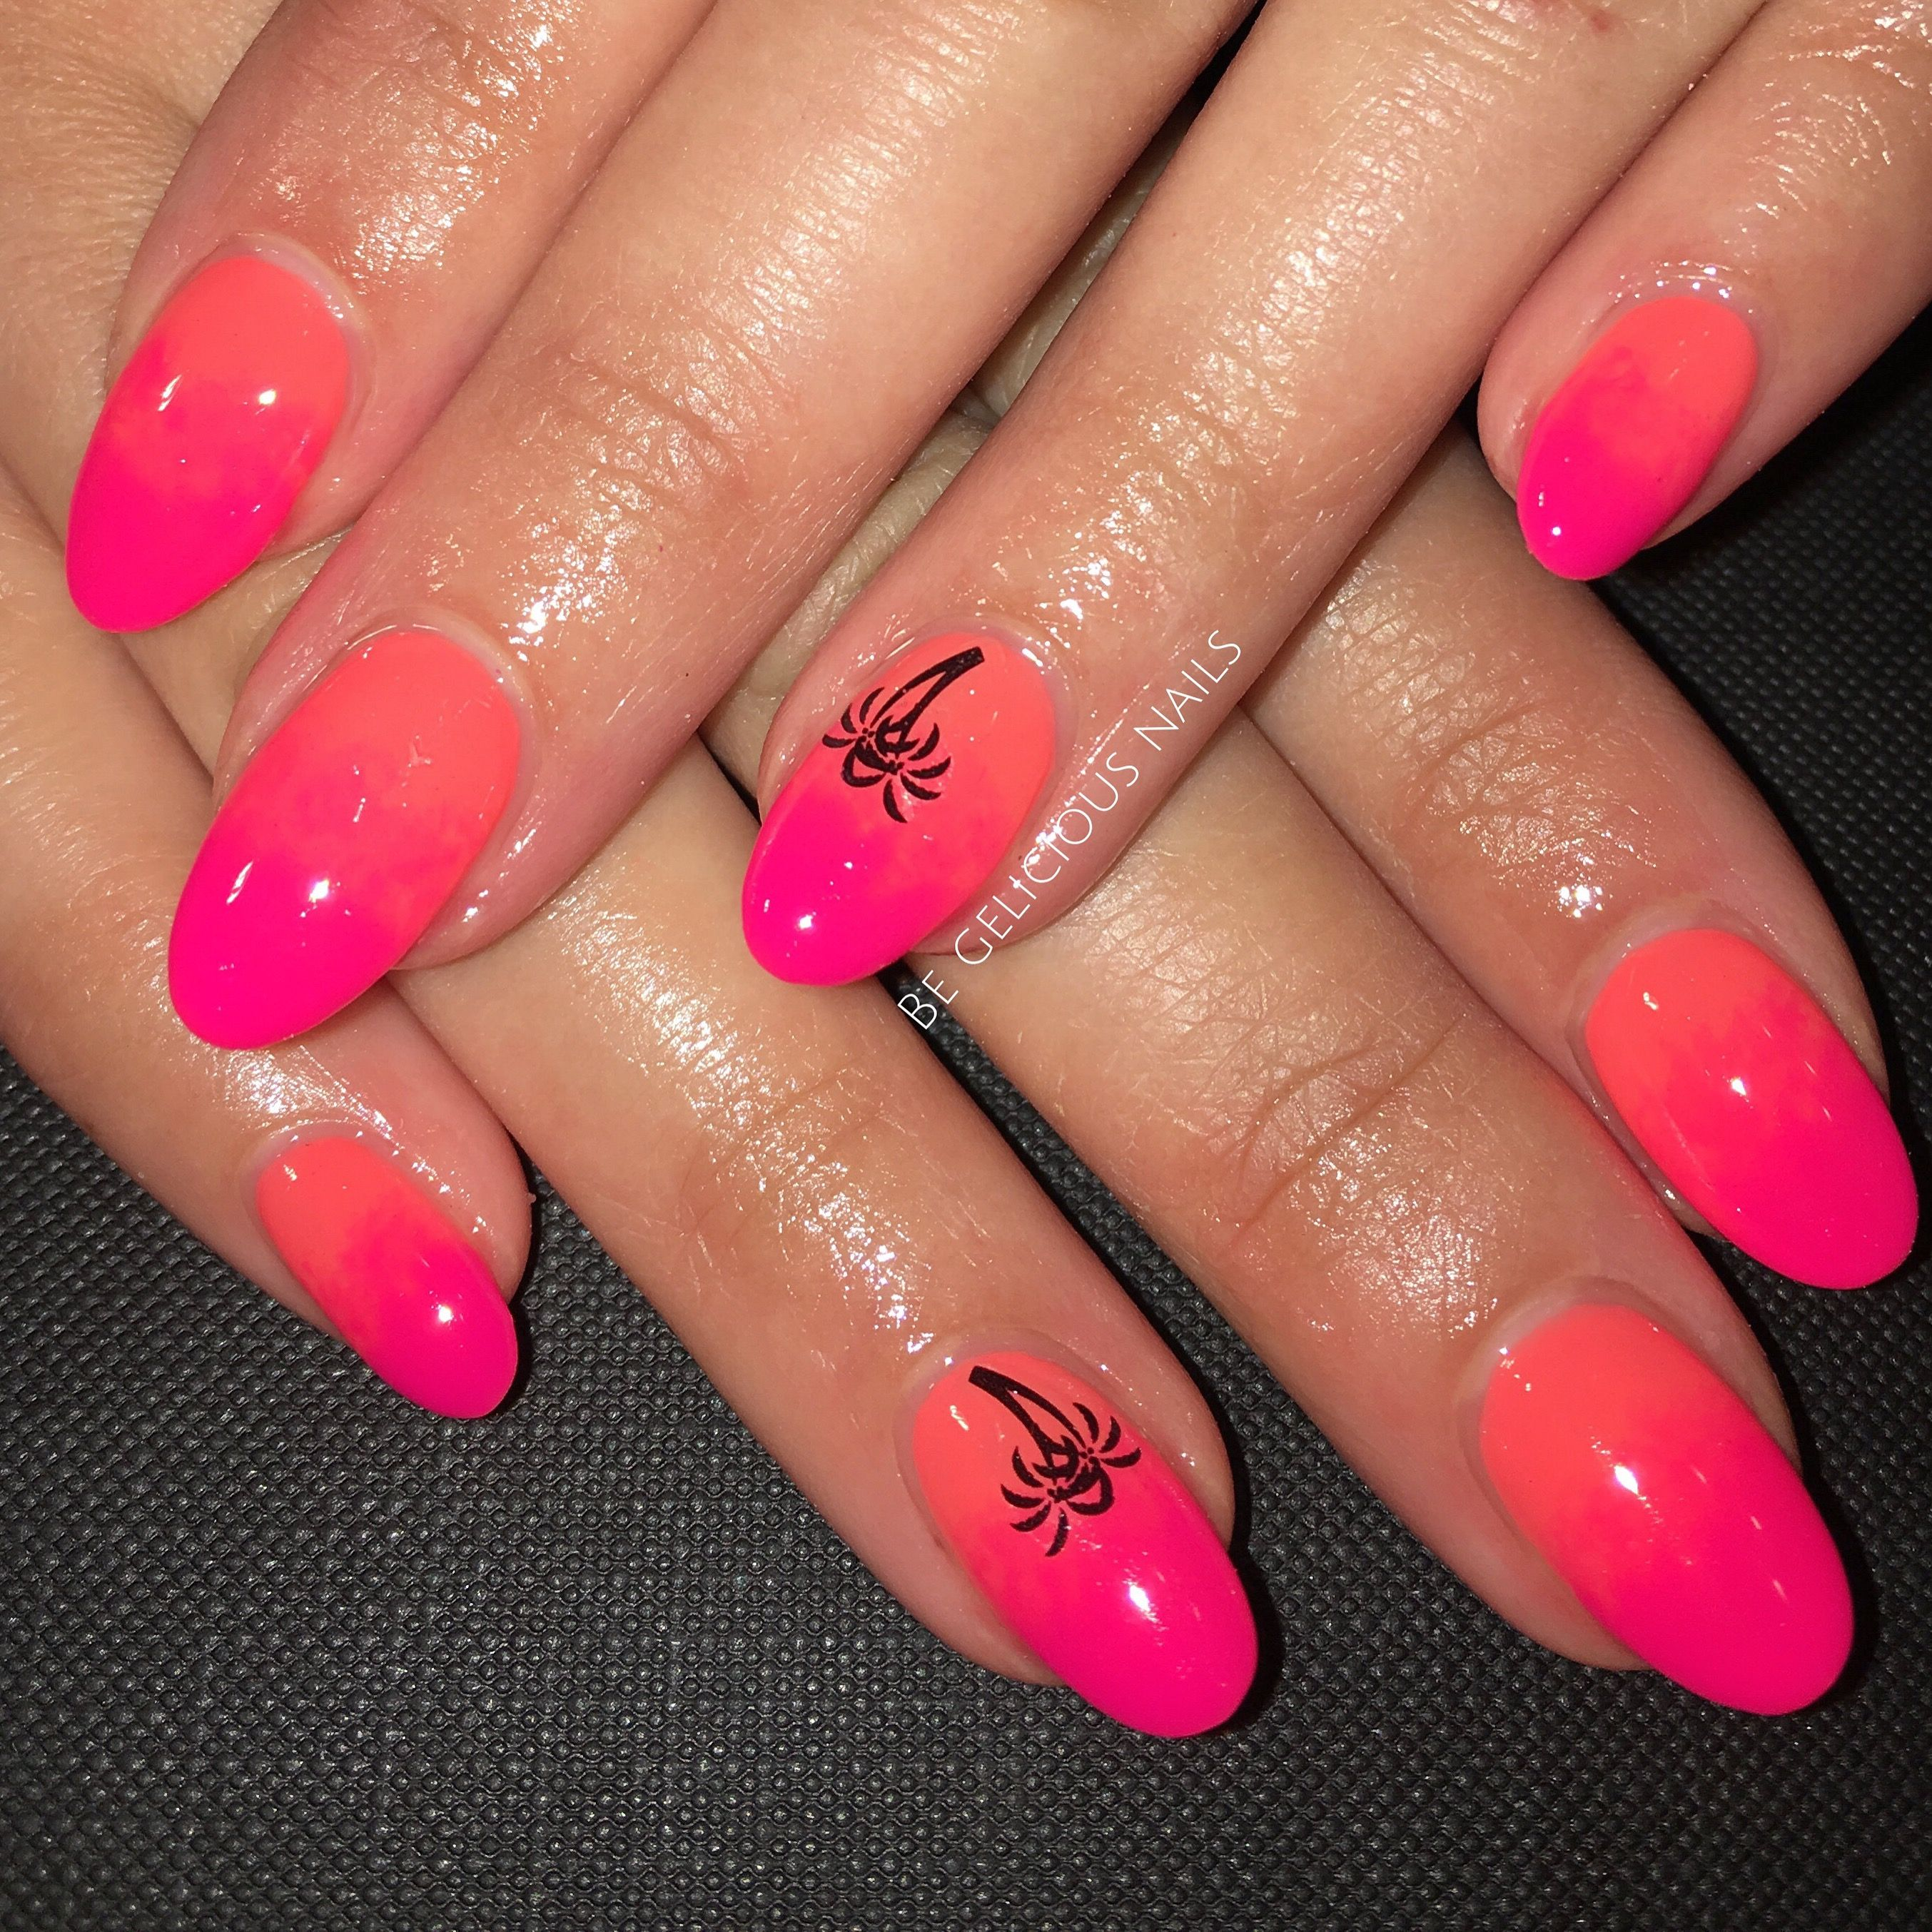 Calgel Nails, Nail Art, Nail Design, Ombré Nails, Pink